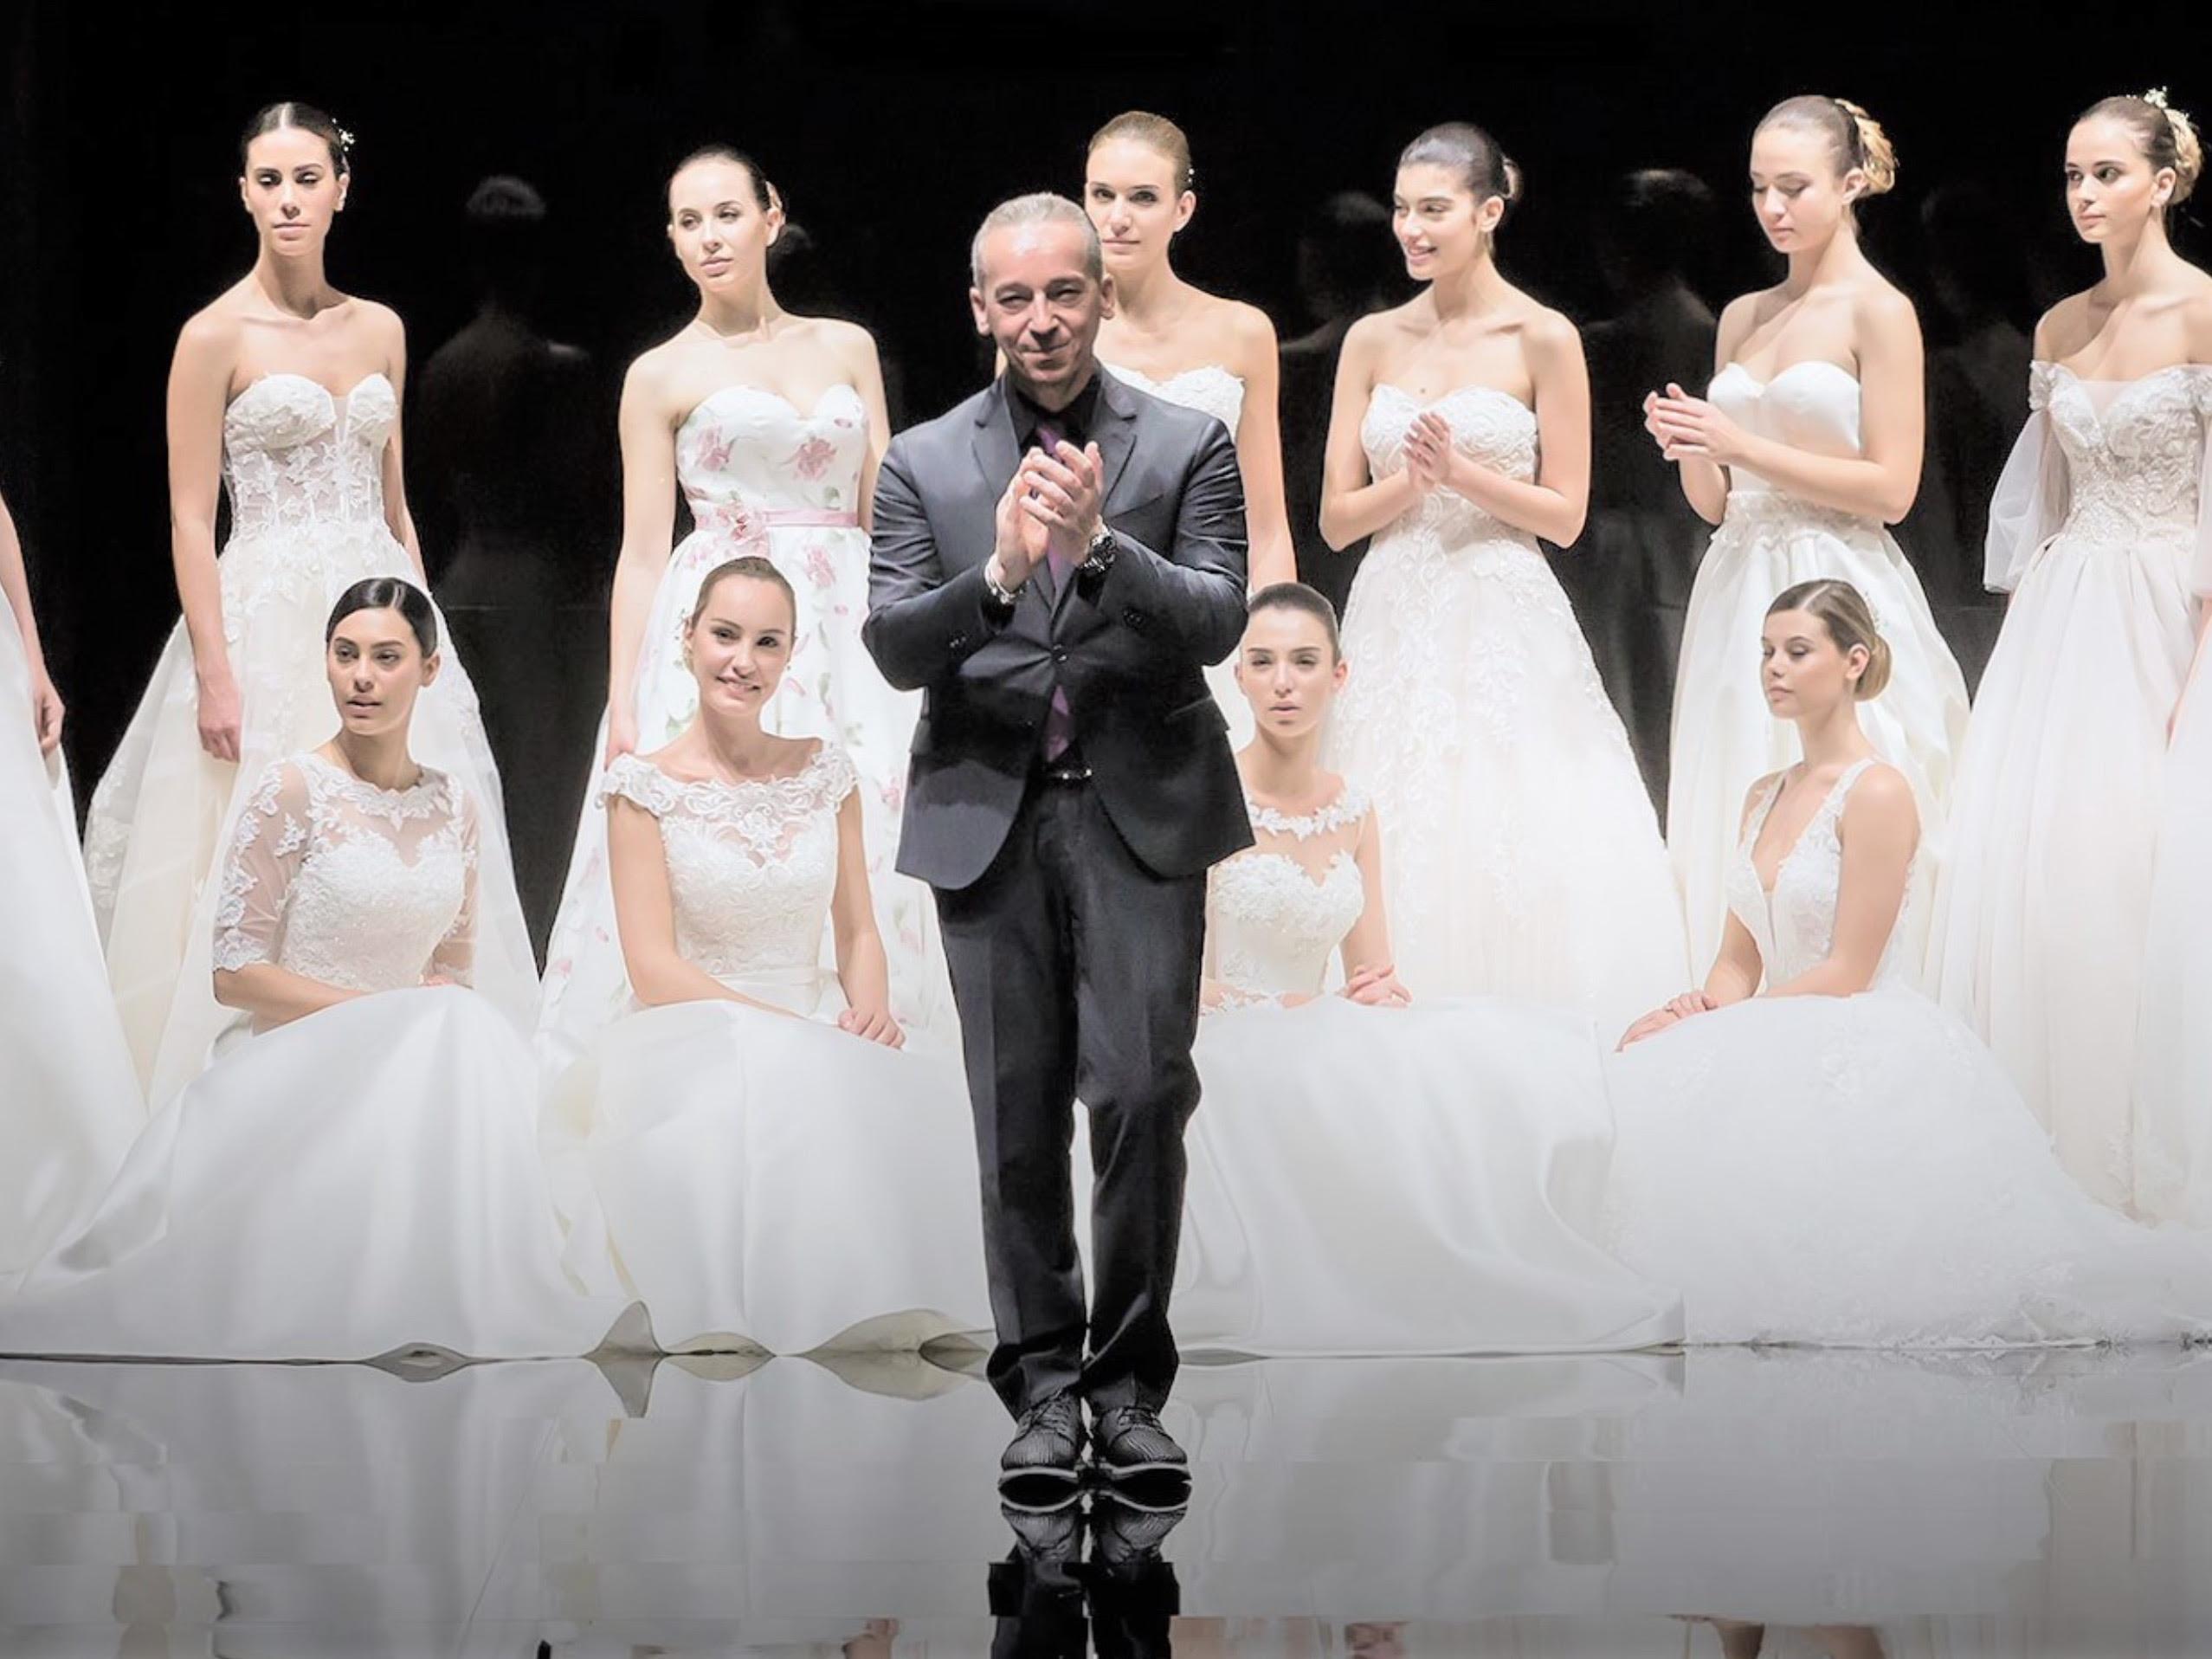 Crisi settore Wedding, controlli Covid come in Serie A per far ripartire il comparto: ecco il protocollo